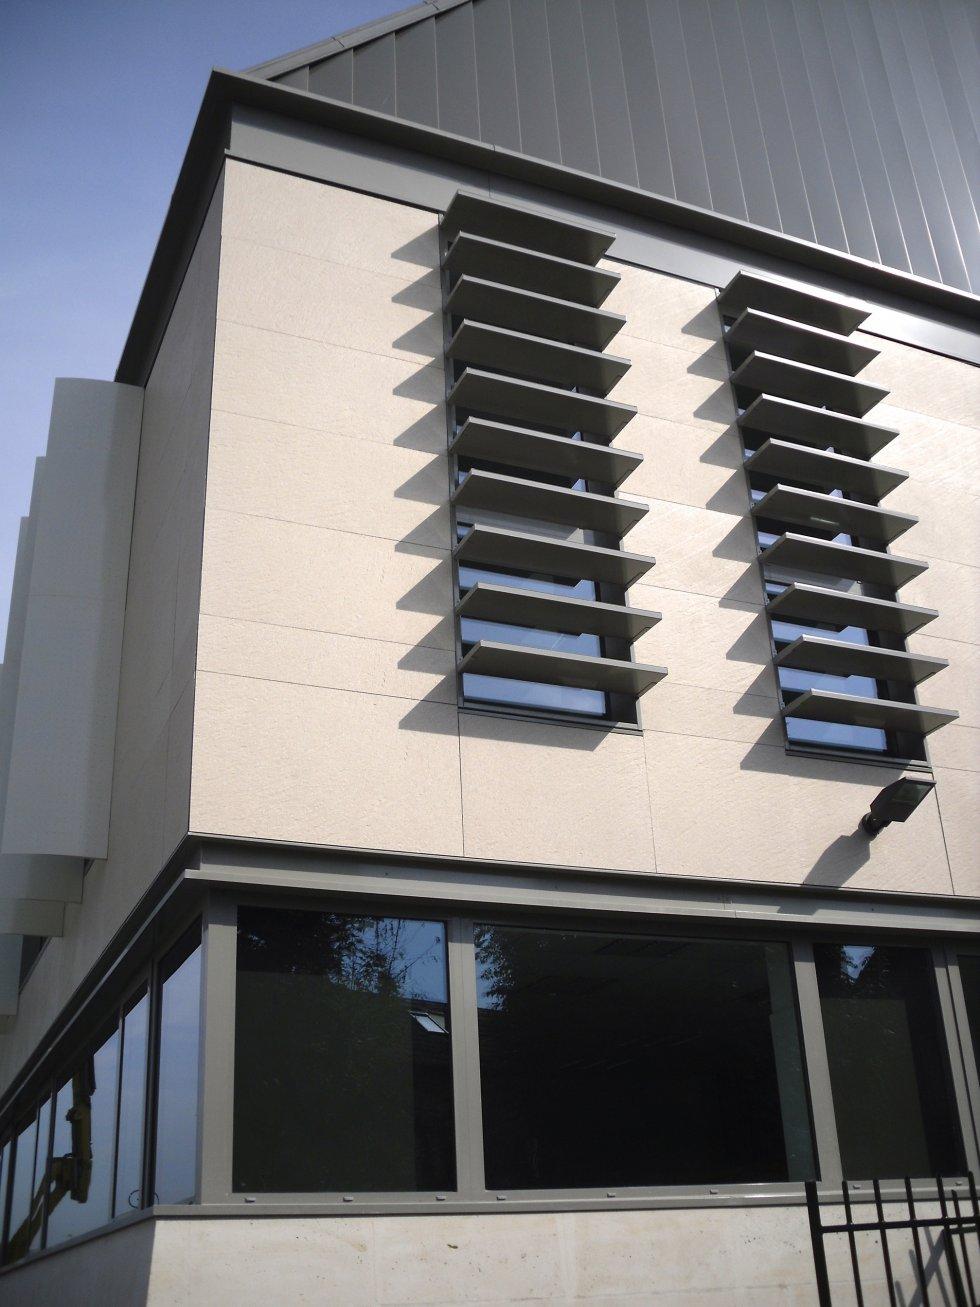 ARVAL architecture - Maison de l'archéologie – Compiègne - 11 arval maison de l'archeologie compiegne 11